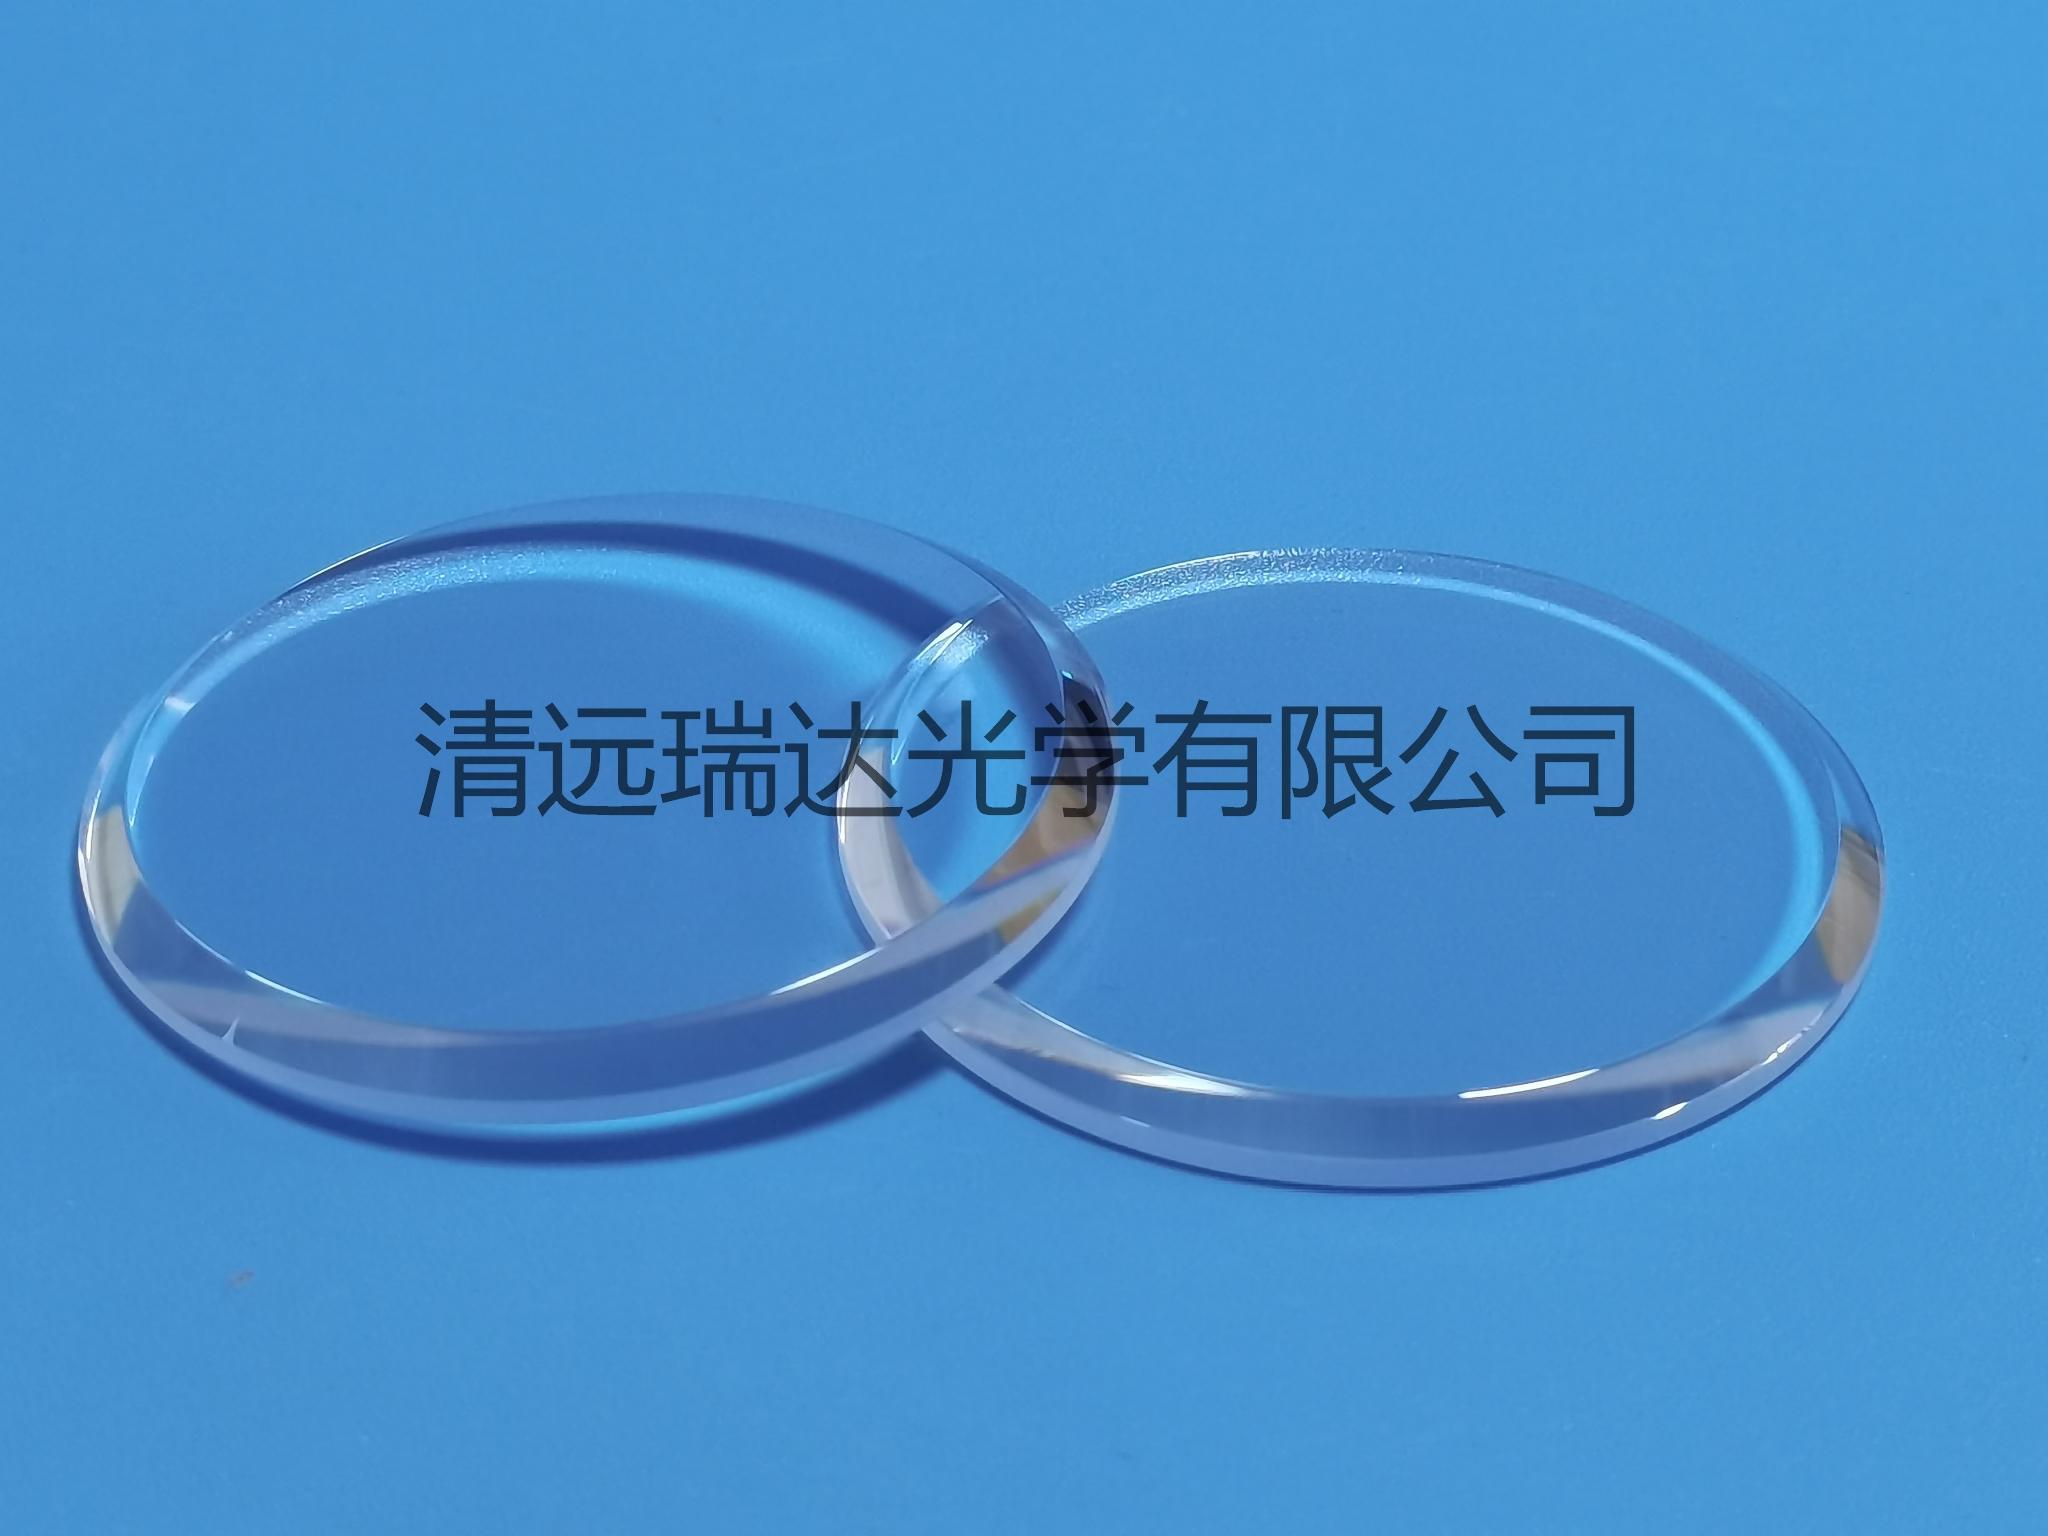 加工蓝宝石玻璃镜片 1